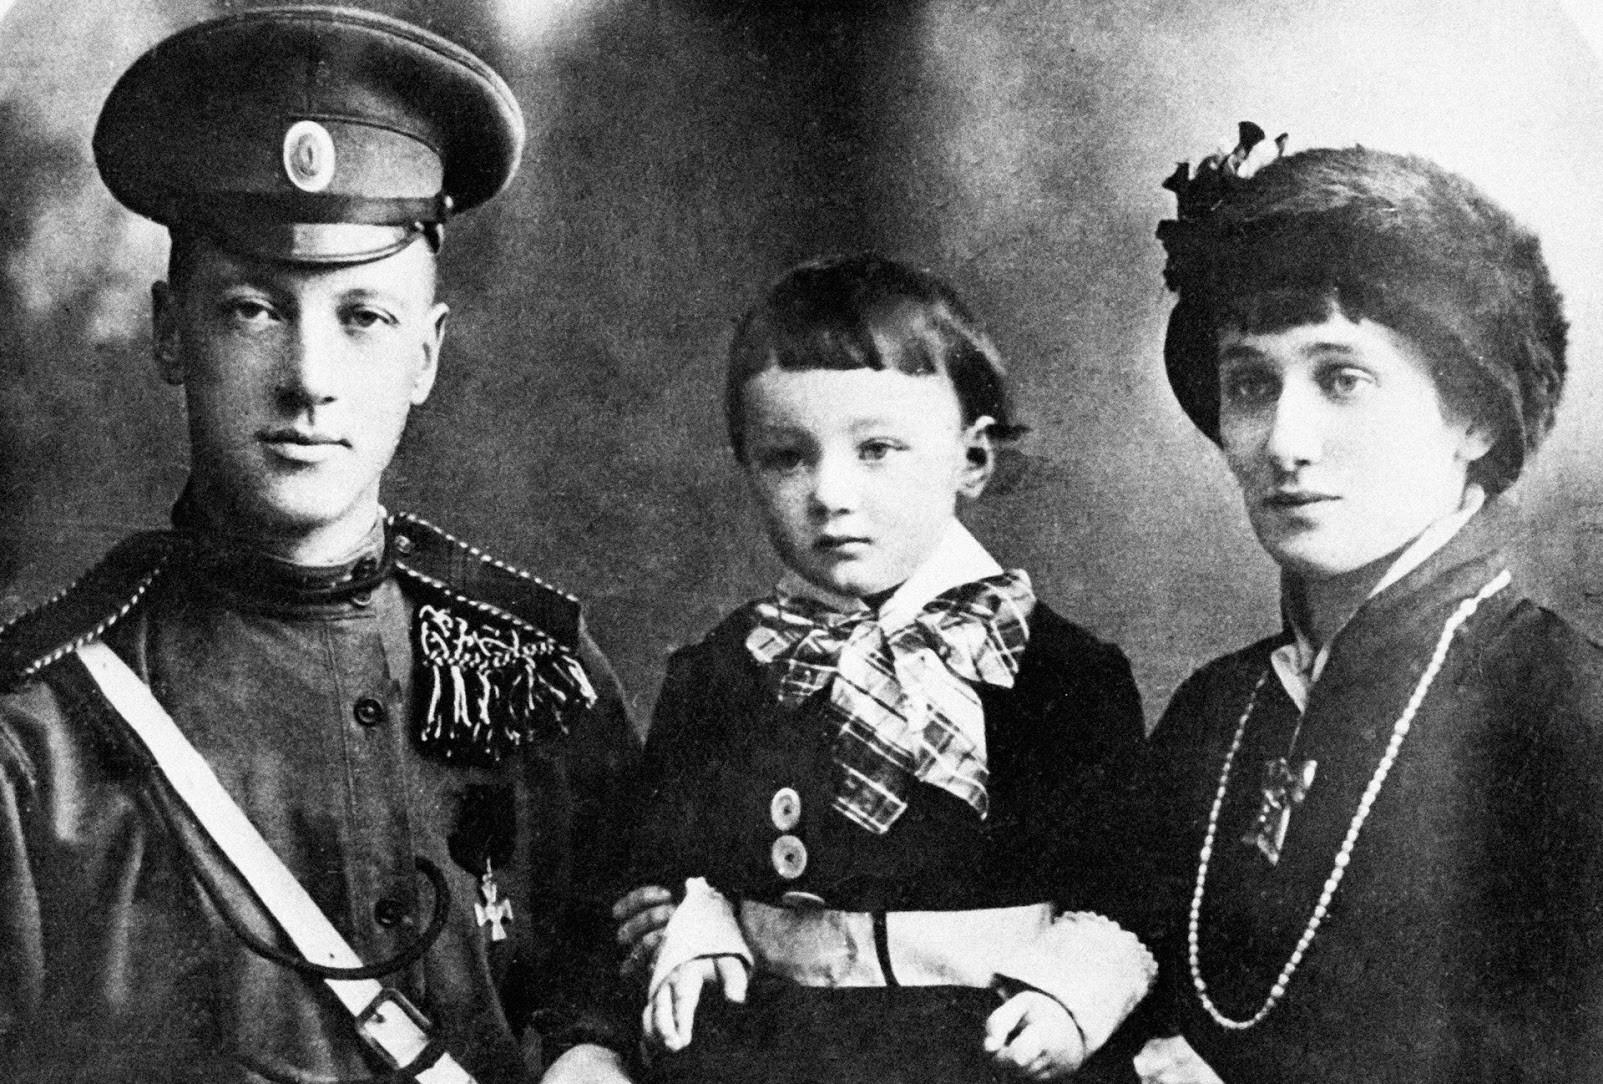 ニコライ・グミリョフ(左)、アンナ・アフマトワ(右)、レフ・グミリョフ(真ん中)。